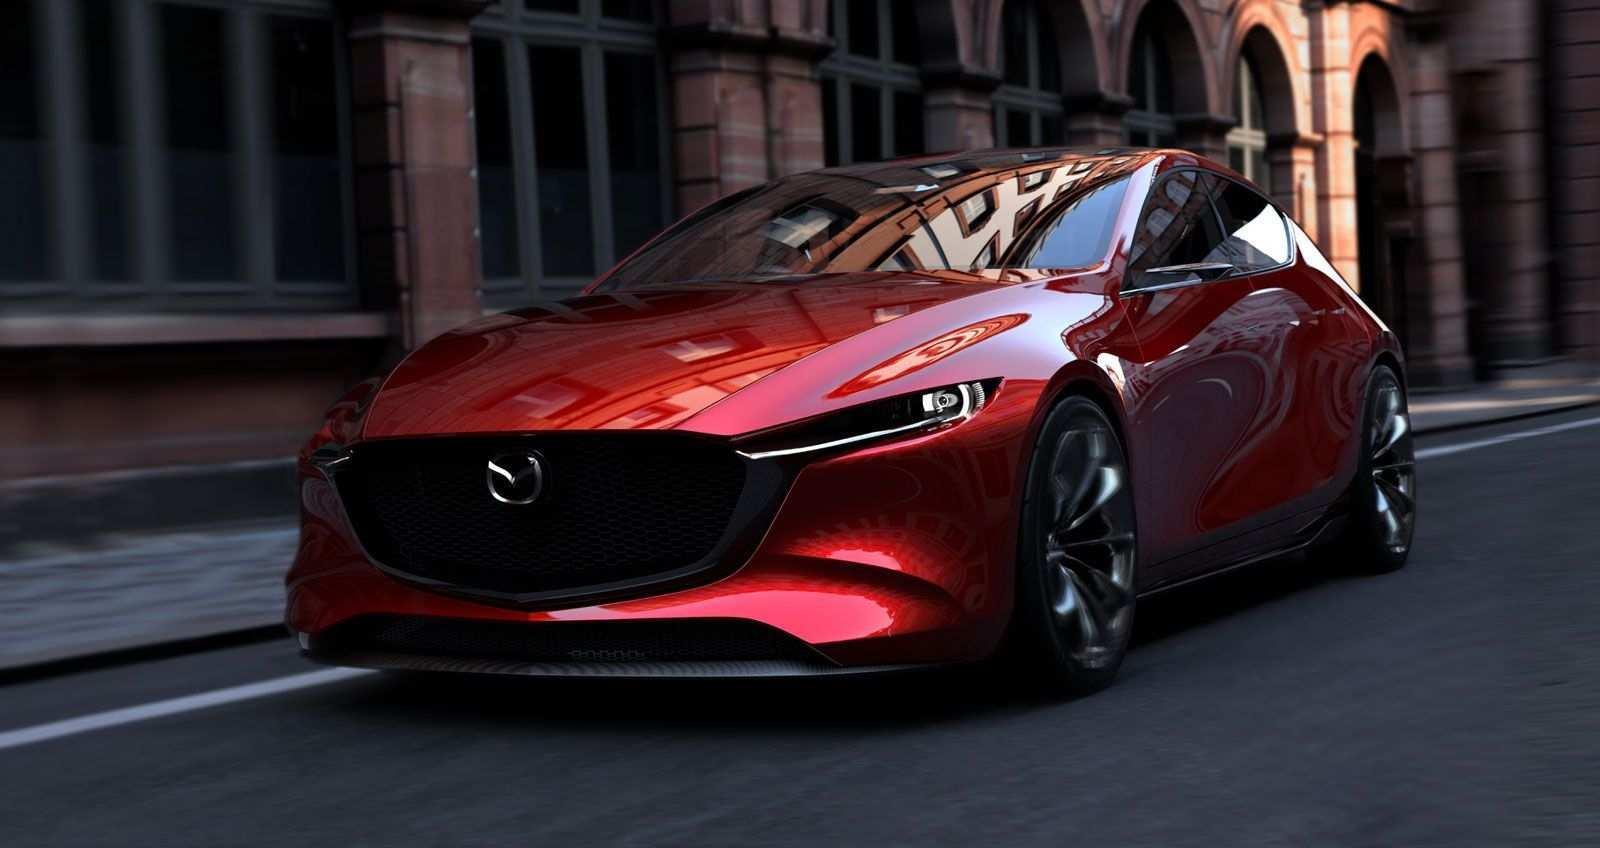 63 New Precio Del Mazda 2019 Photos by Precio Del Mazda 2019